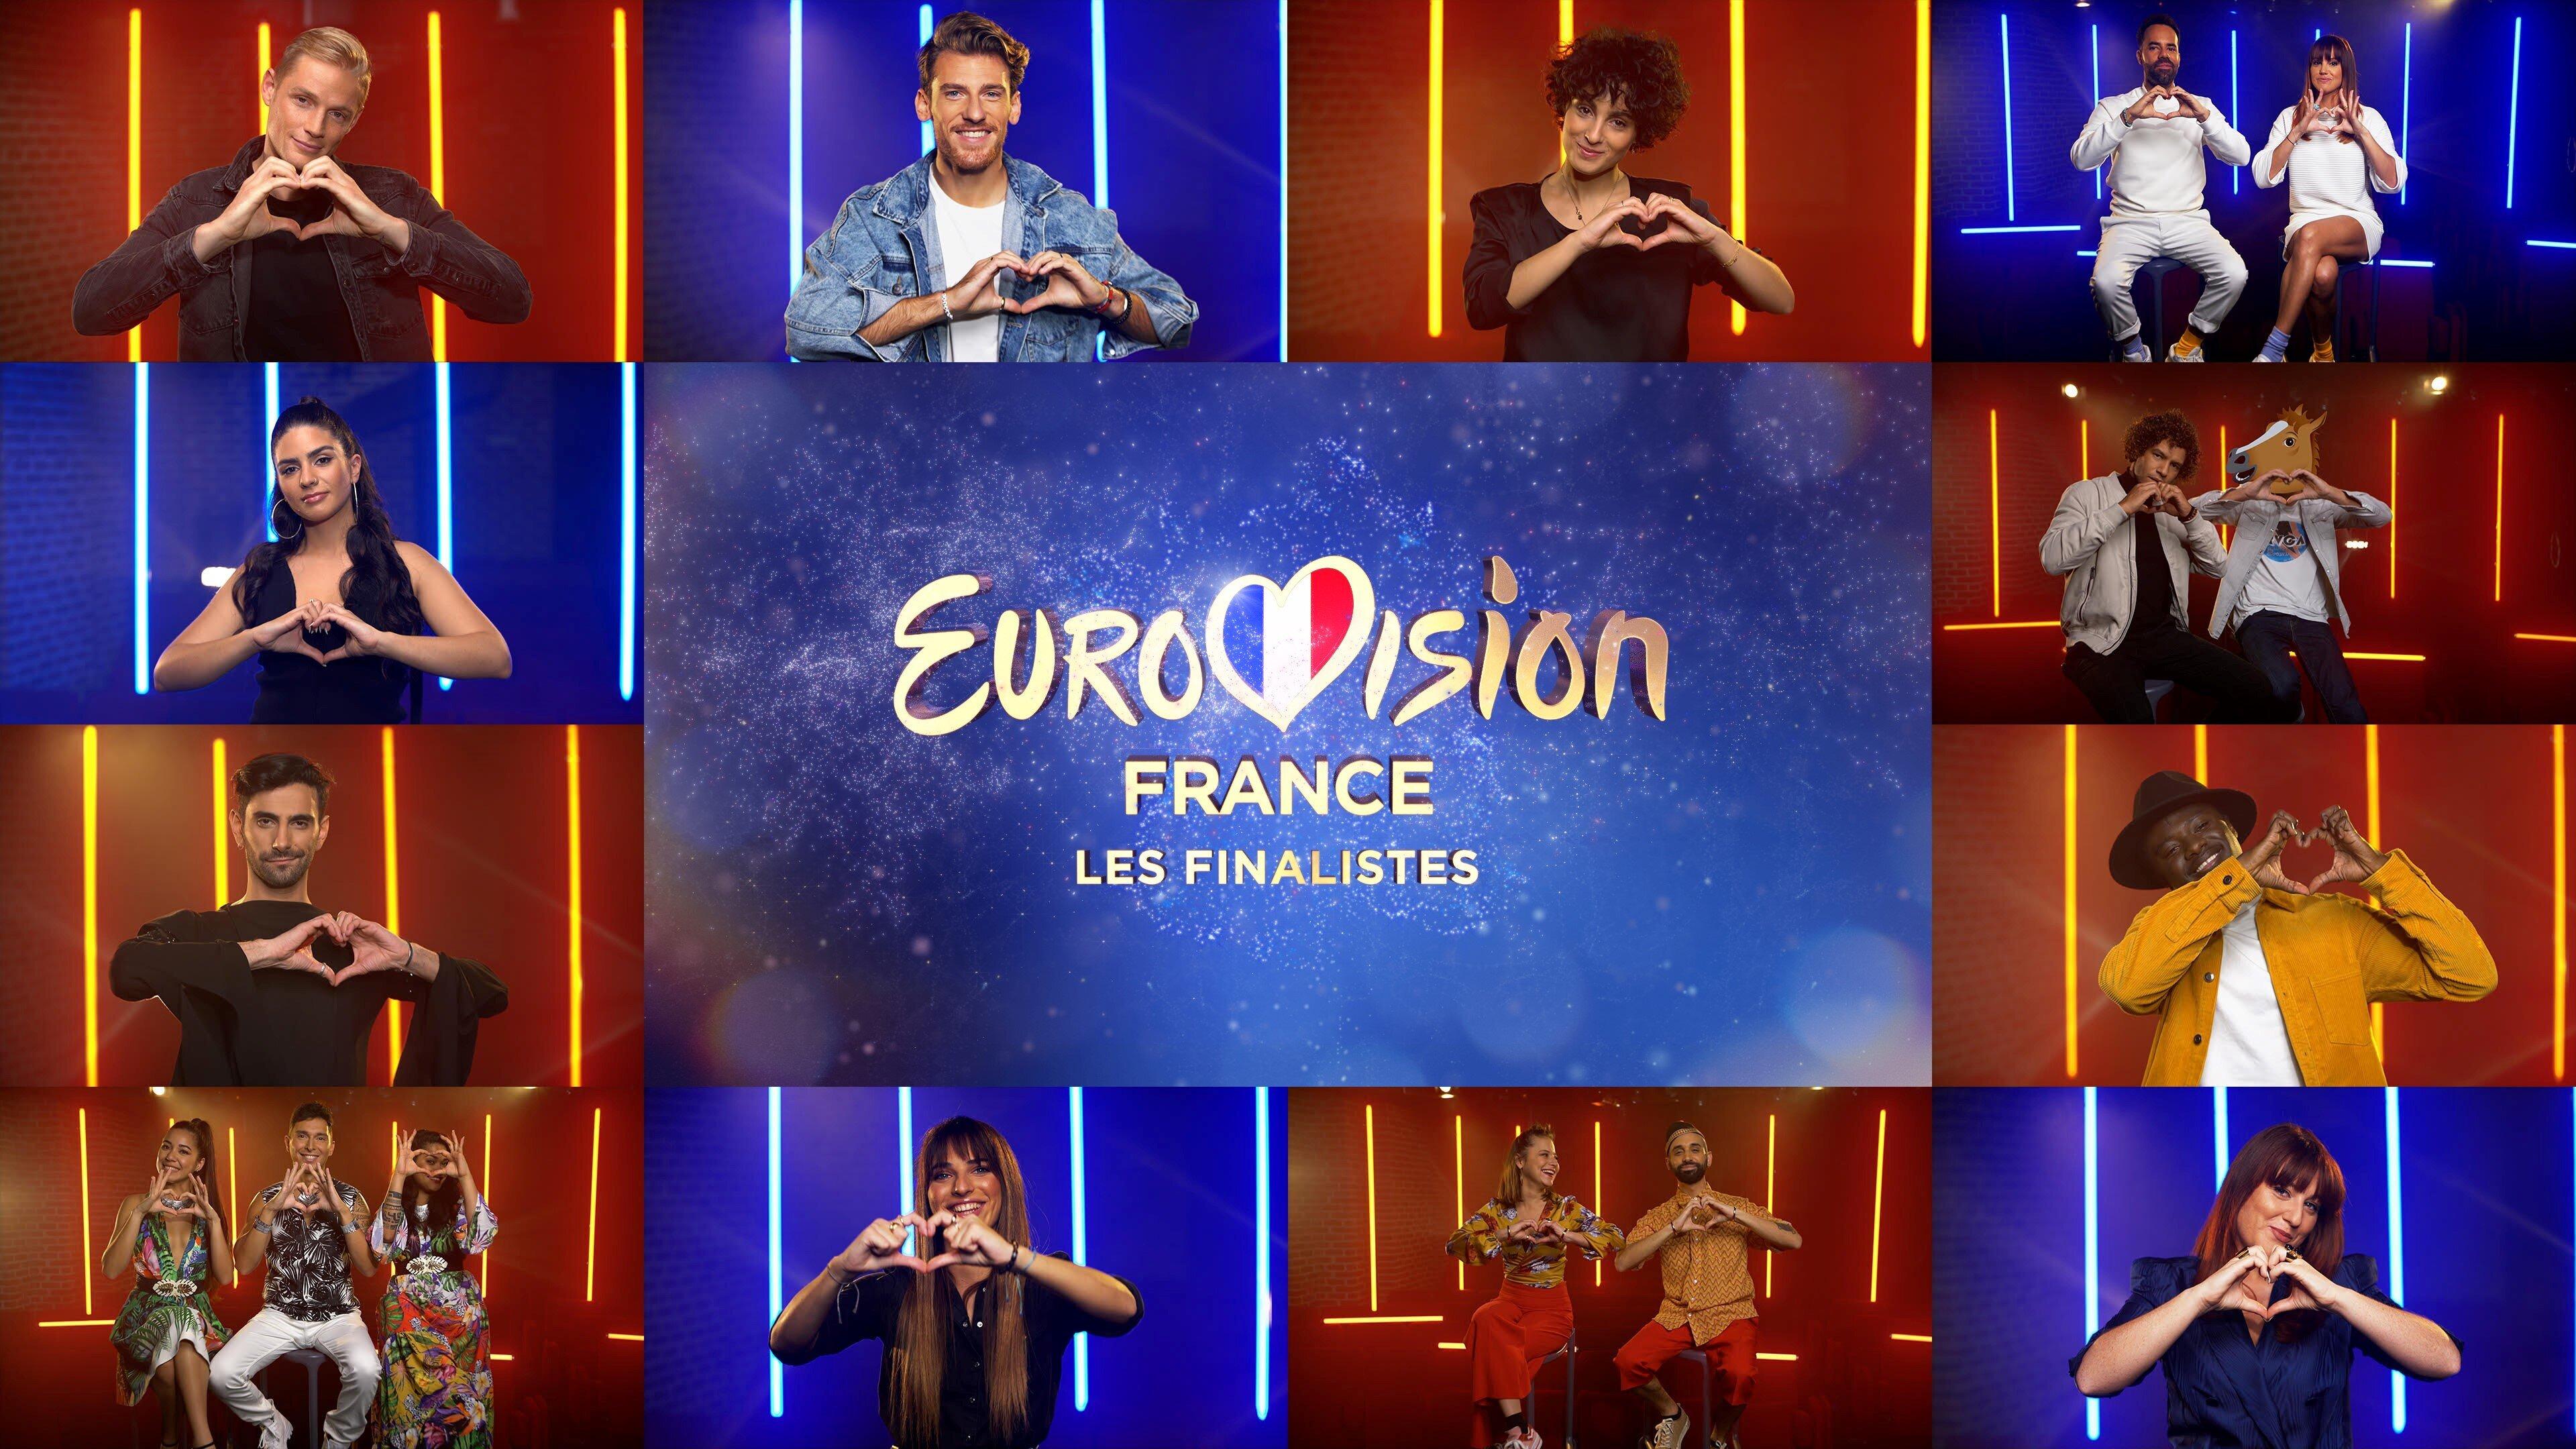 L'Eurovision 2021 aura lieu à Rotterdam aux Pays-Bas les 18, 20 et 22 mai